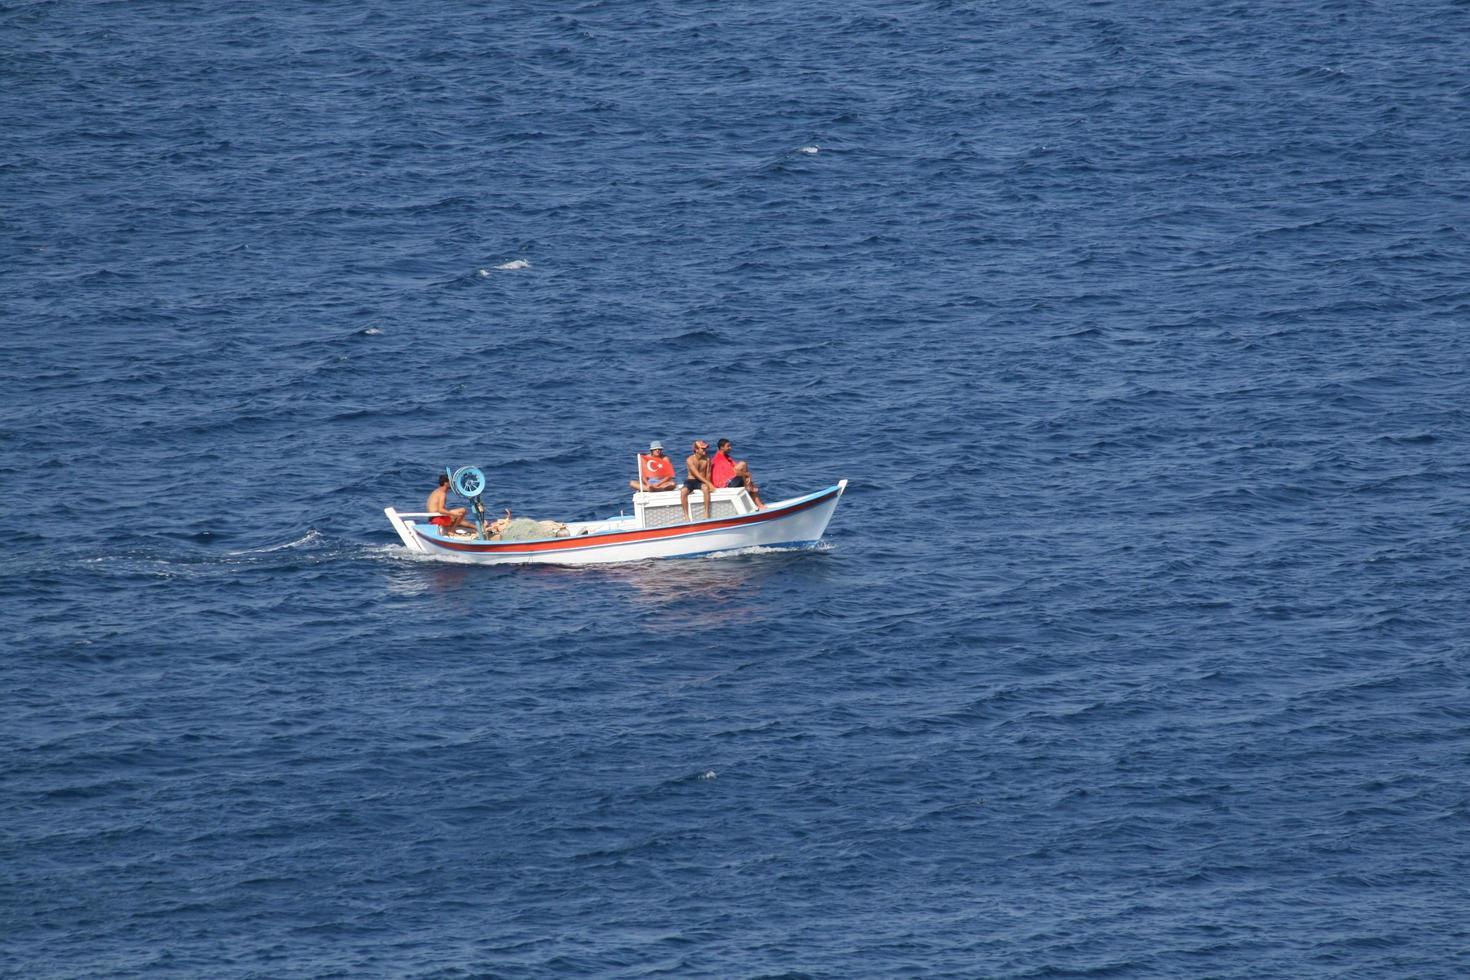 kalkon, 2021 - båt i vattnet foto